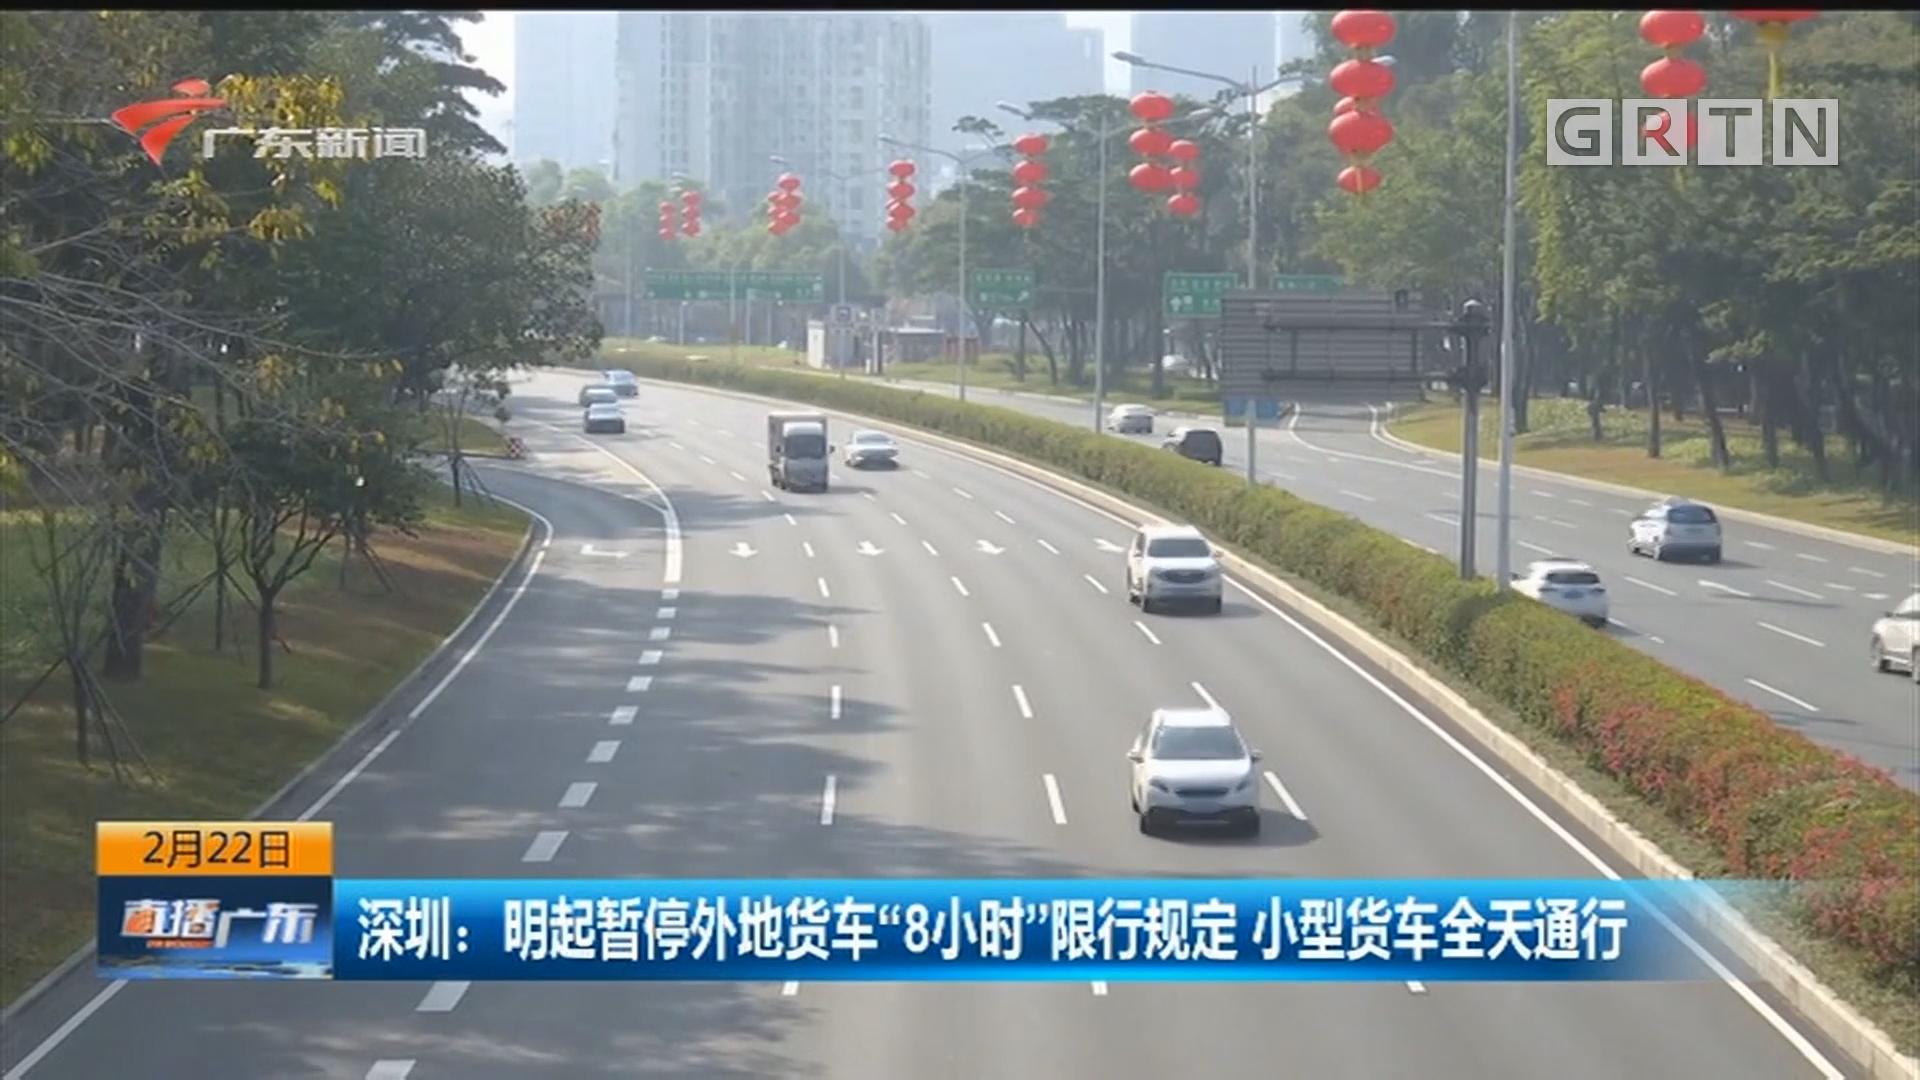 """深圳:明起暂停外地货车""""8小时""""限行规定 小型货车全天通行"""